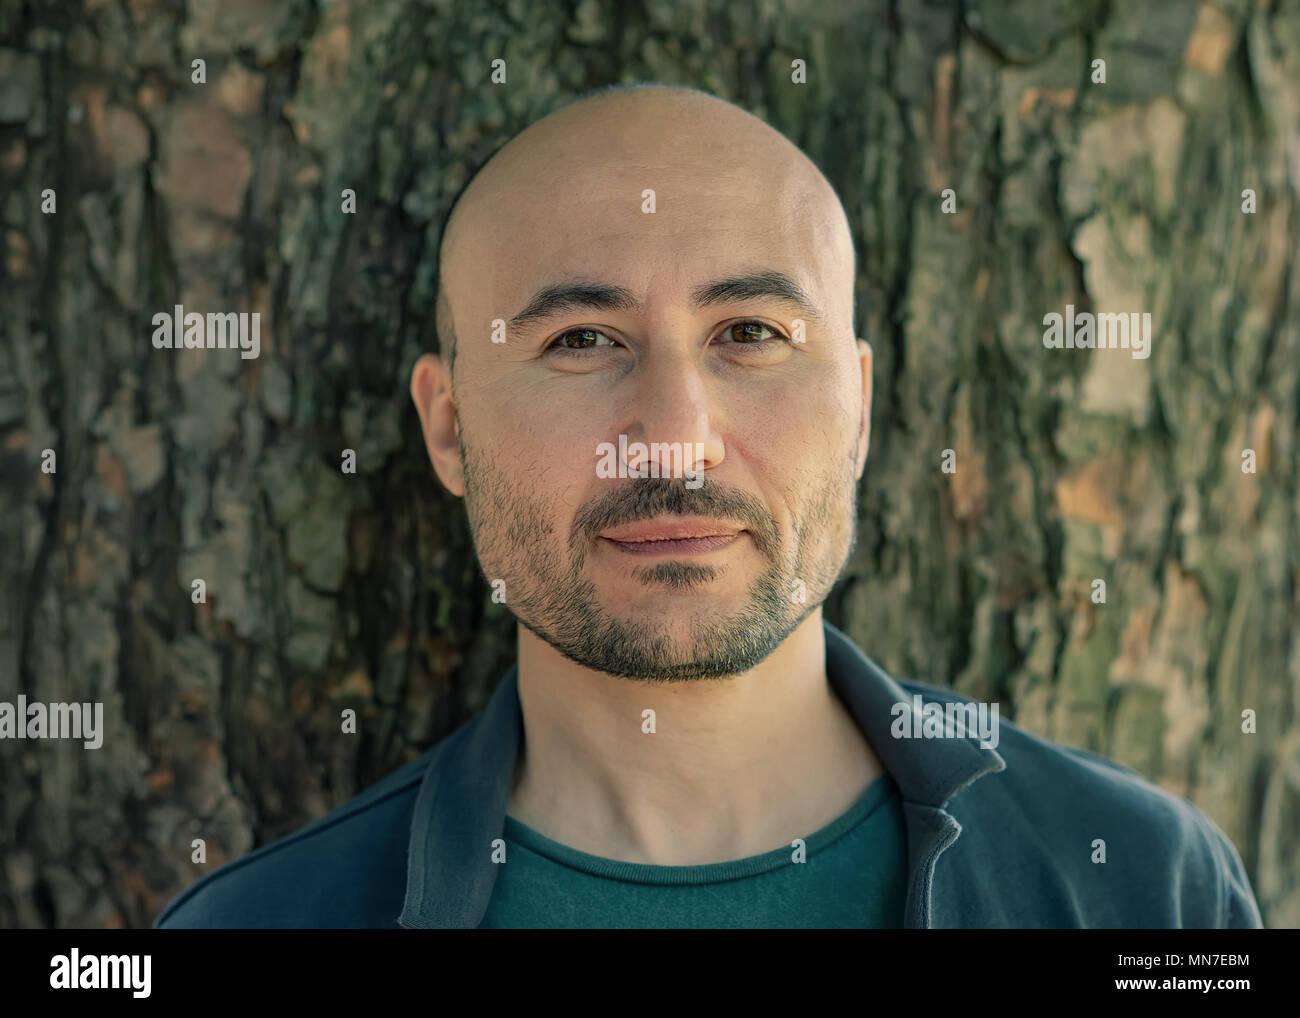 La faccia di un barbuto grave uomo calvo nel parco. Ritratto di un uomo di mezza età. Foto Stock